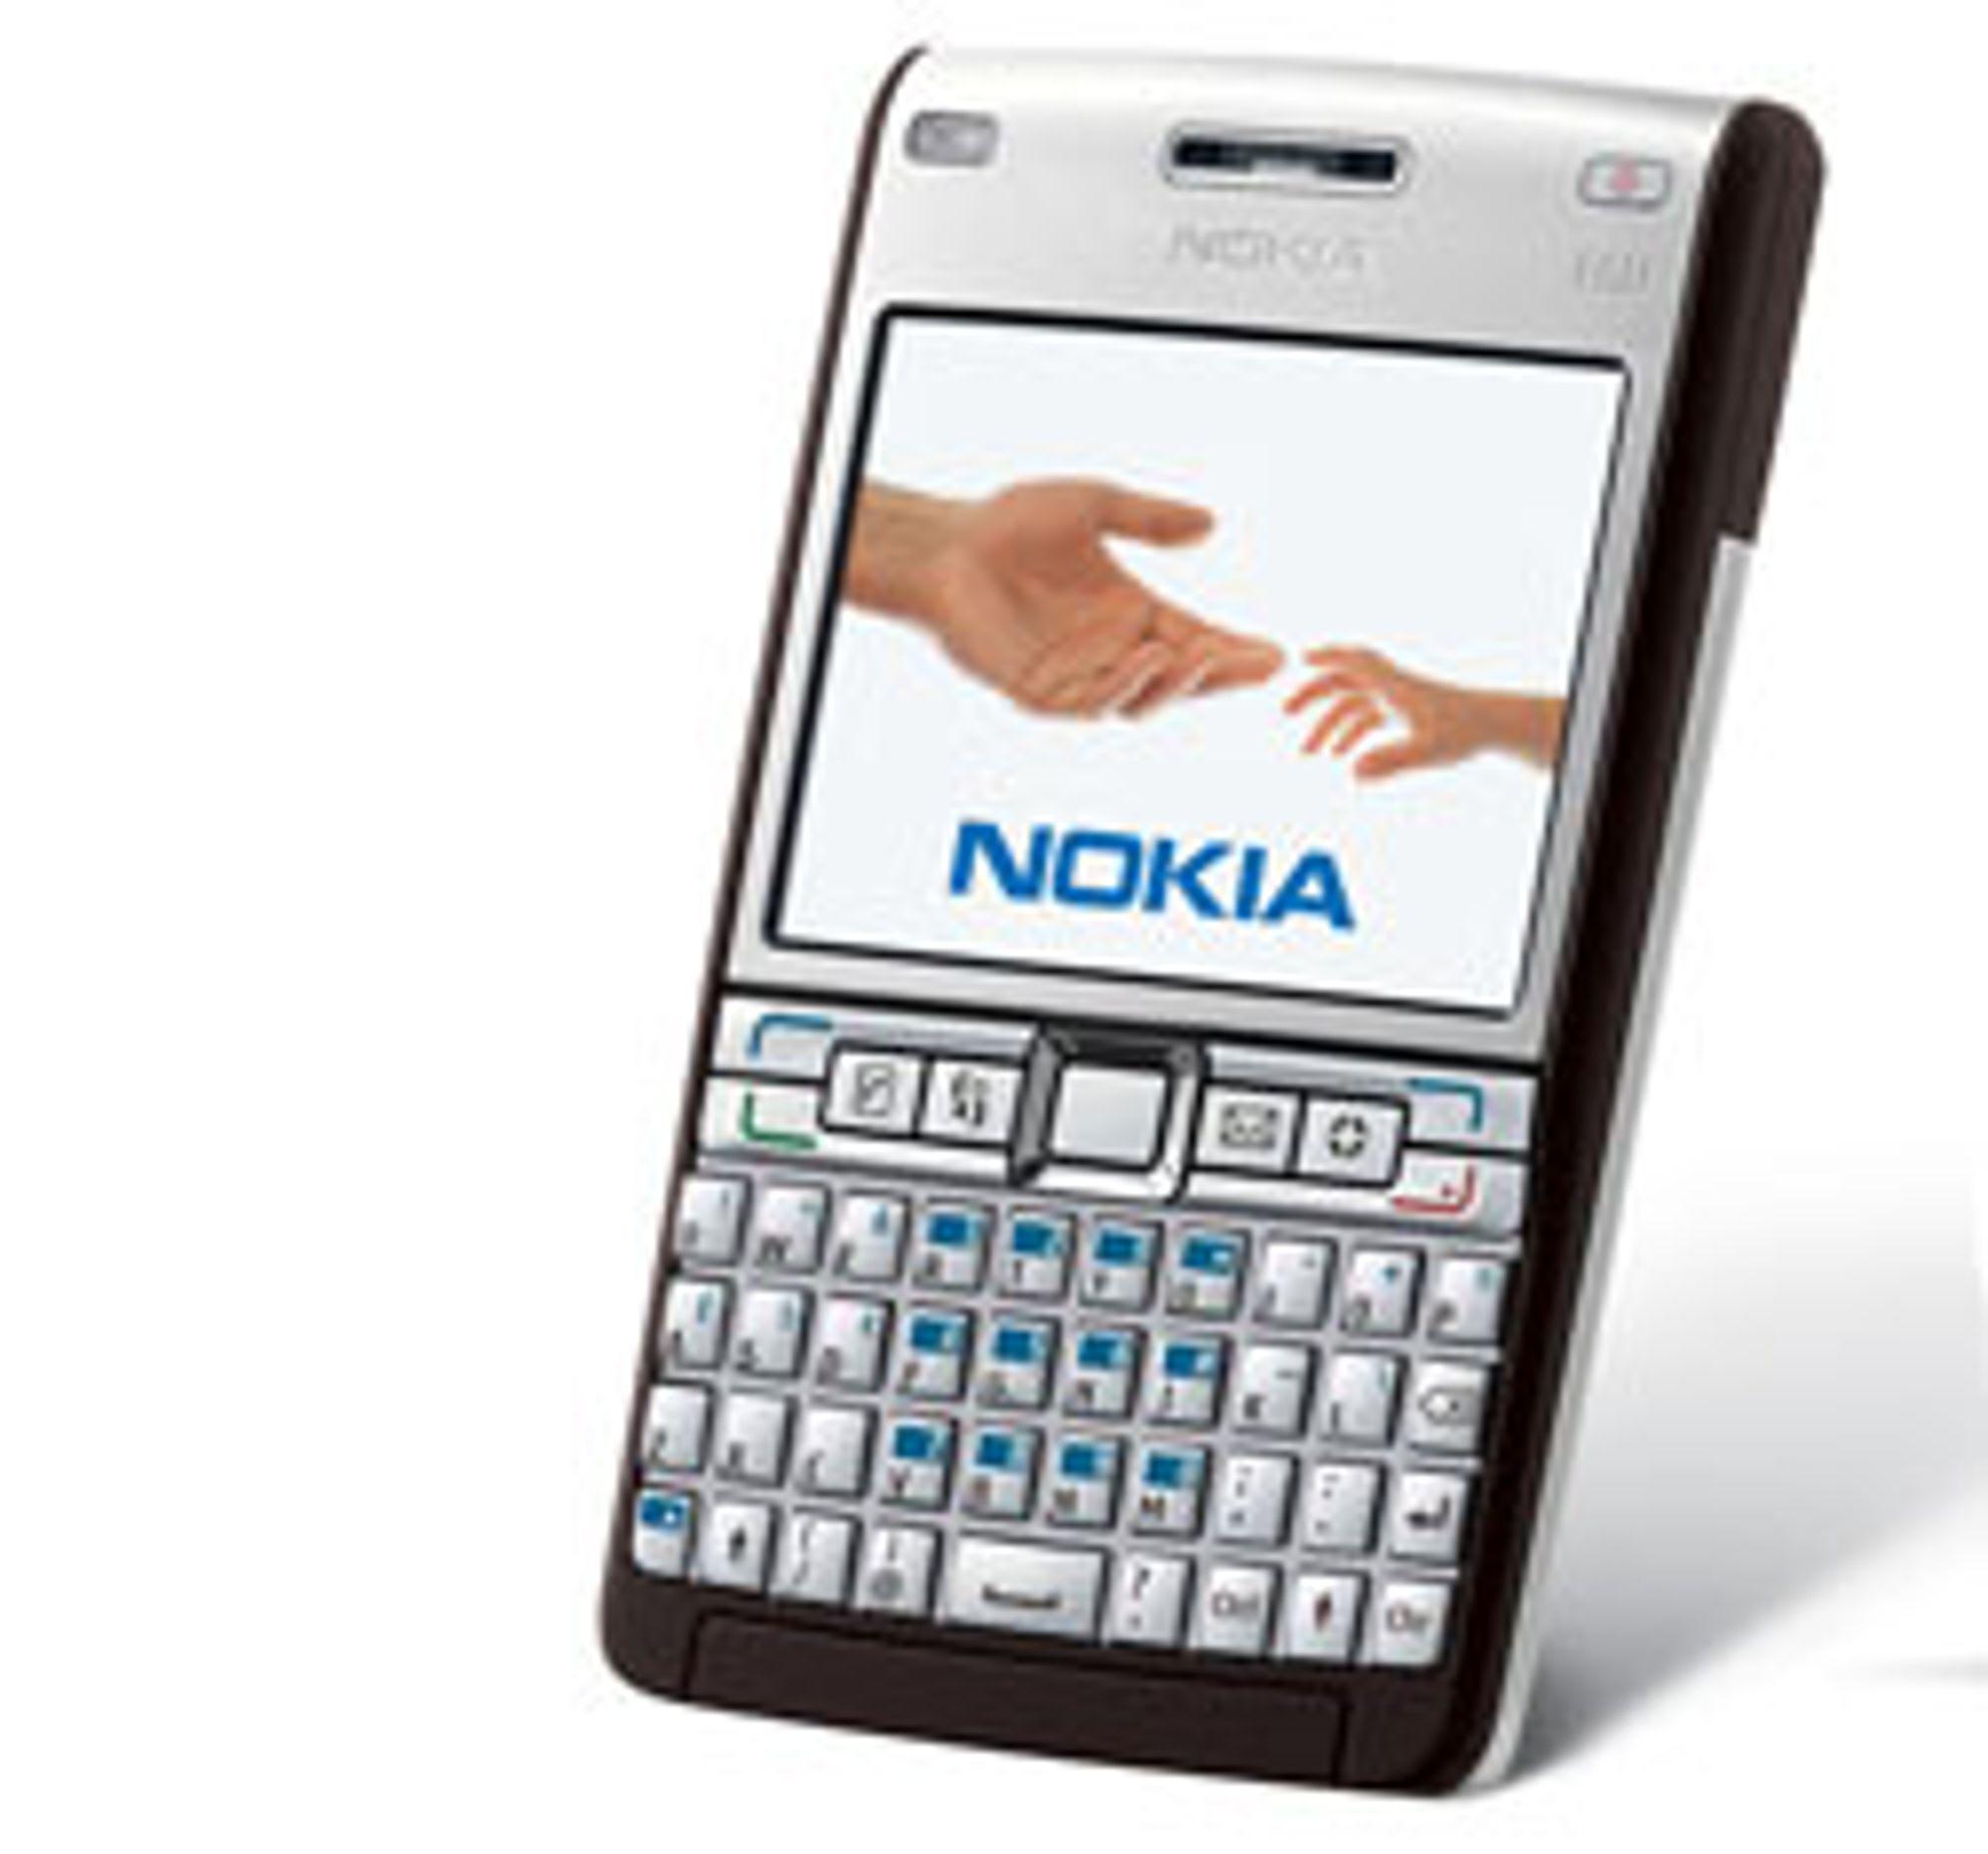 Fulltastatur for kjapp e-posting.